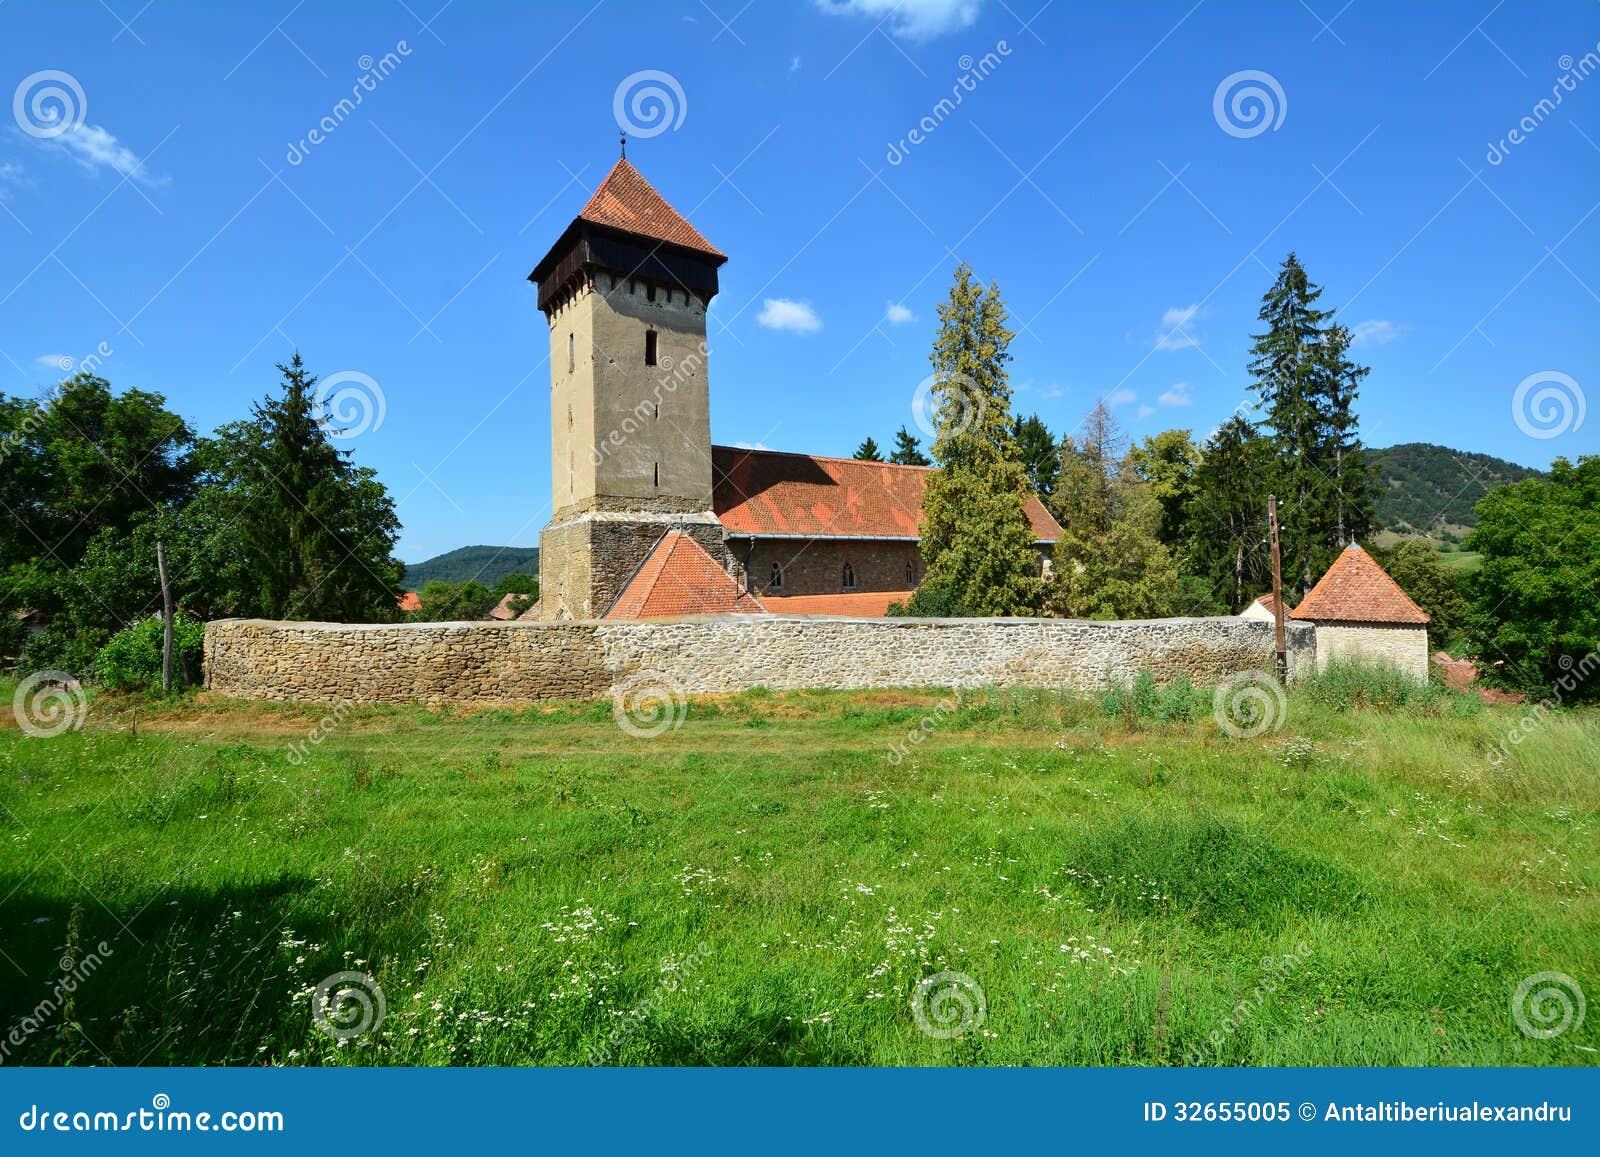 Paisaje con la iglesia fortificada